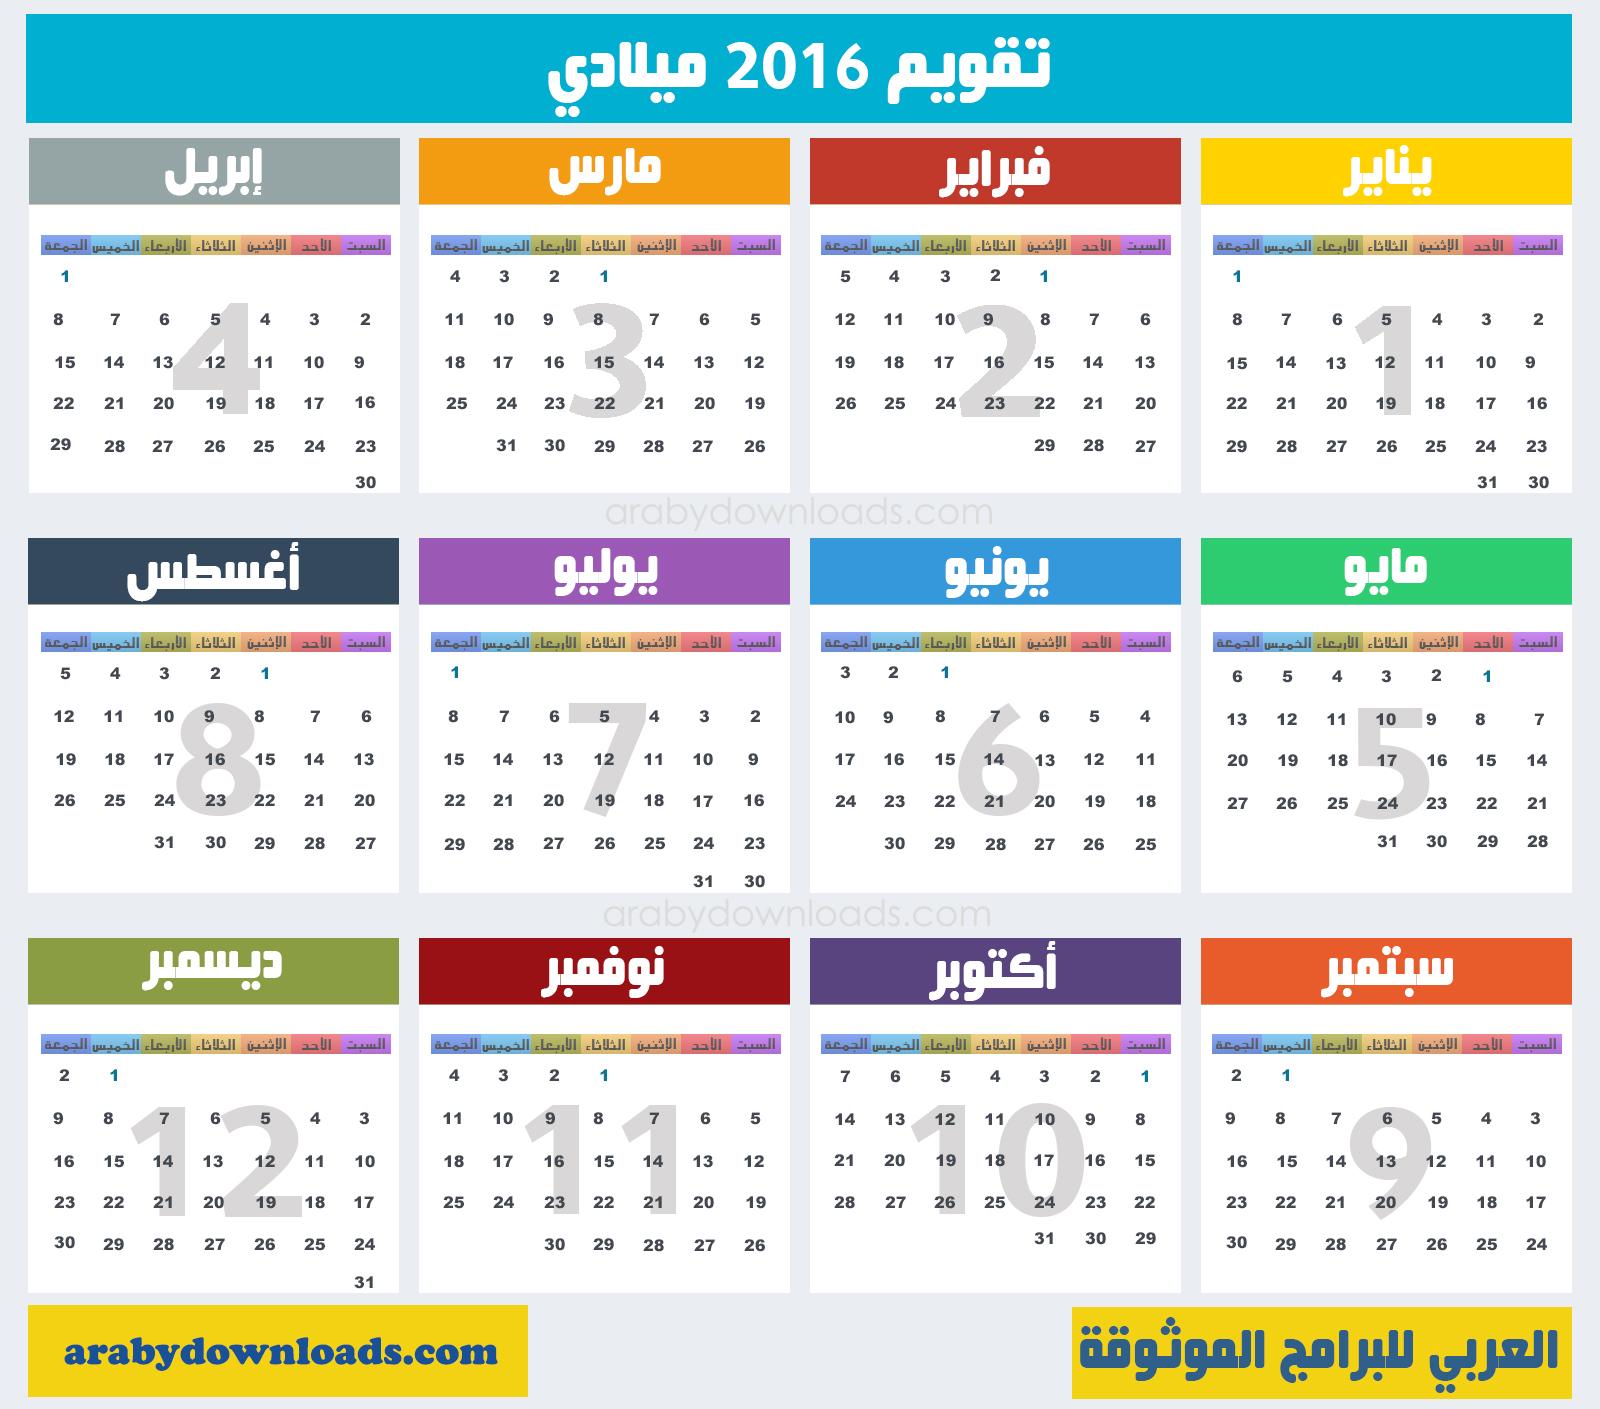 التقويم الميلادي 2016 والهجري